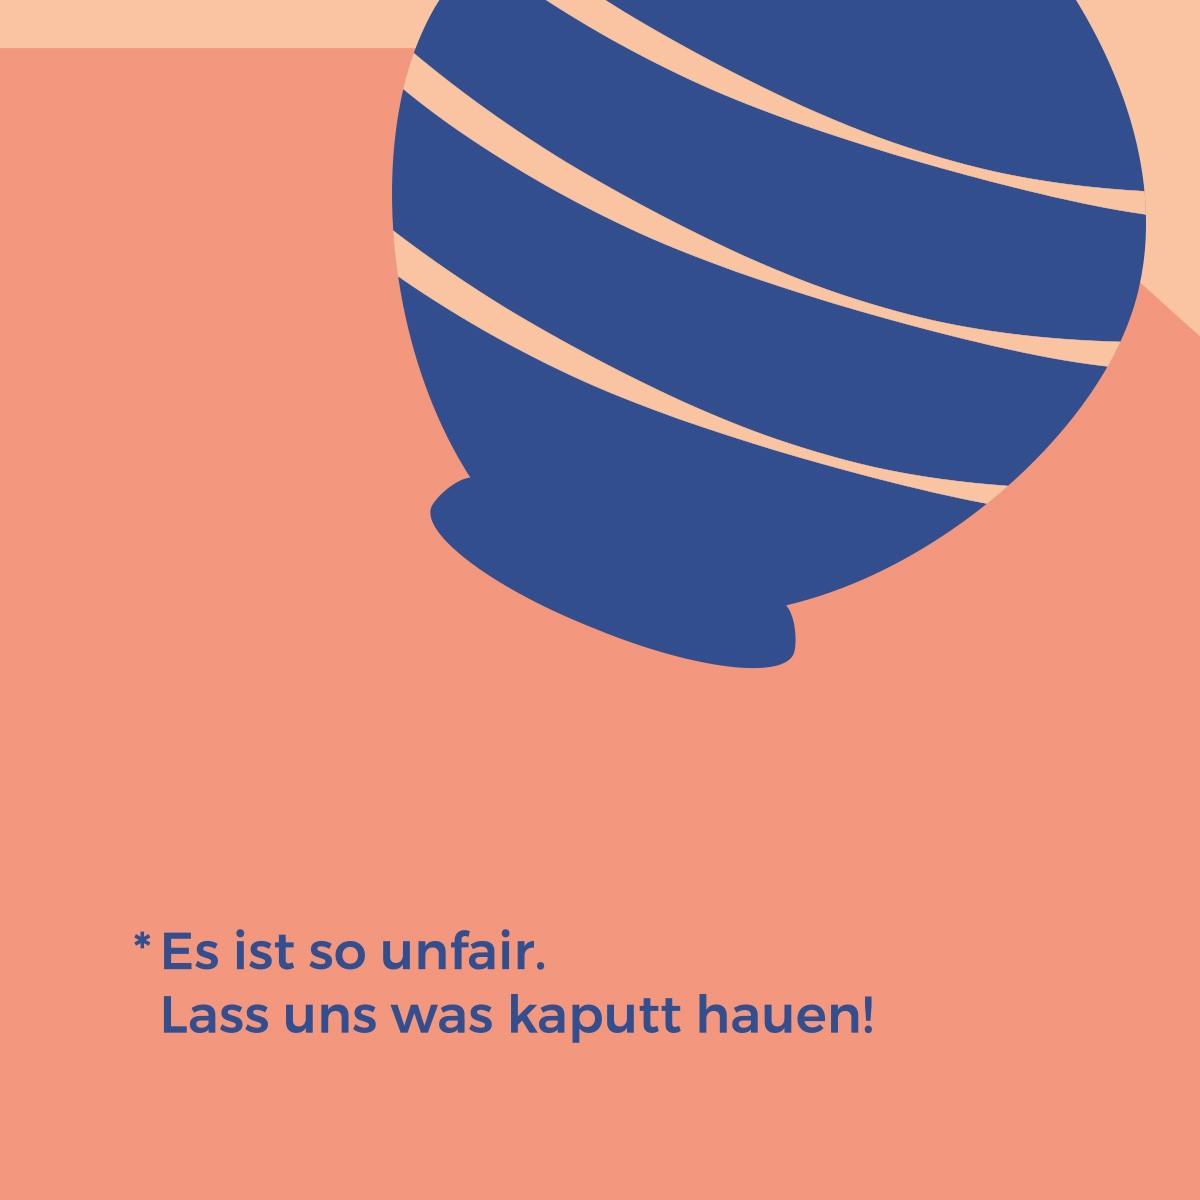 Unfair | 3er Set Klappkarten inkl. Umschlag | heartfelt paper & co